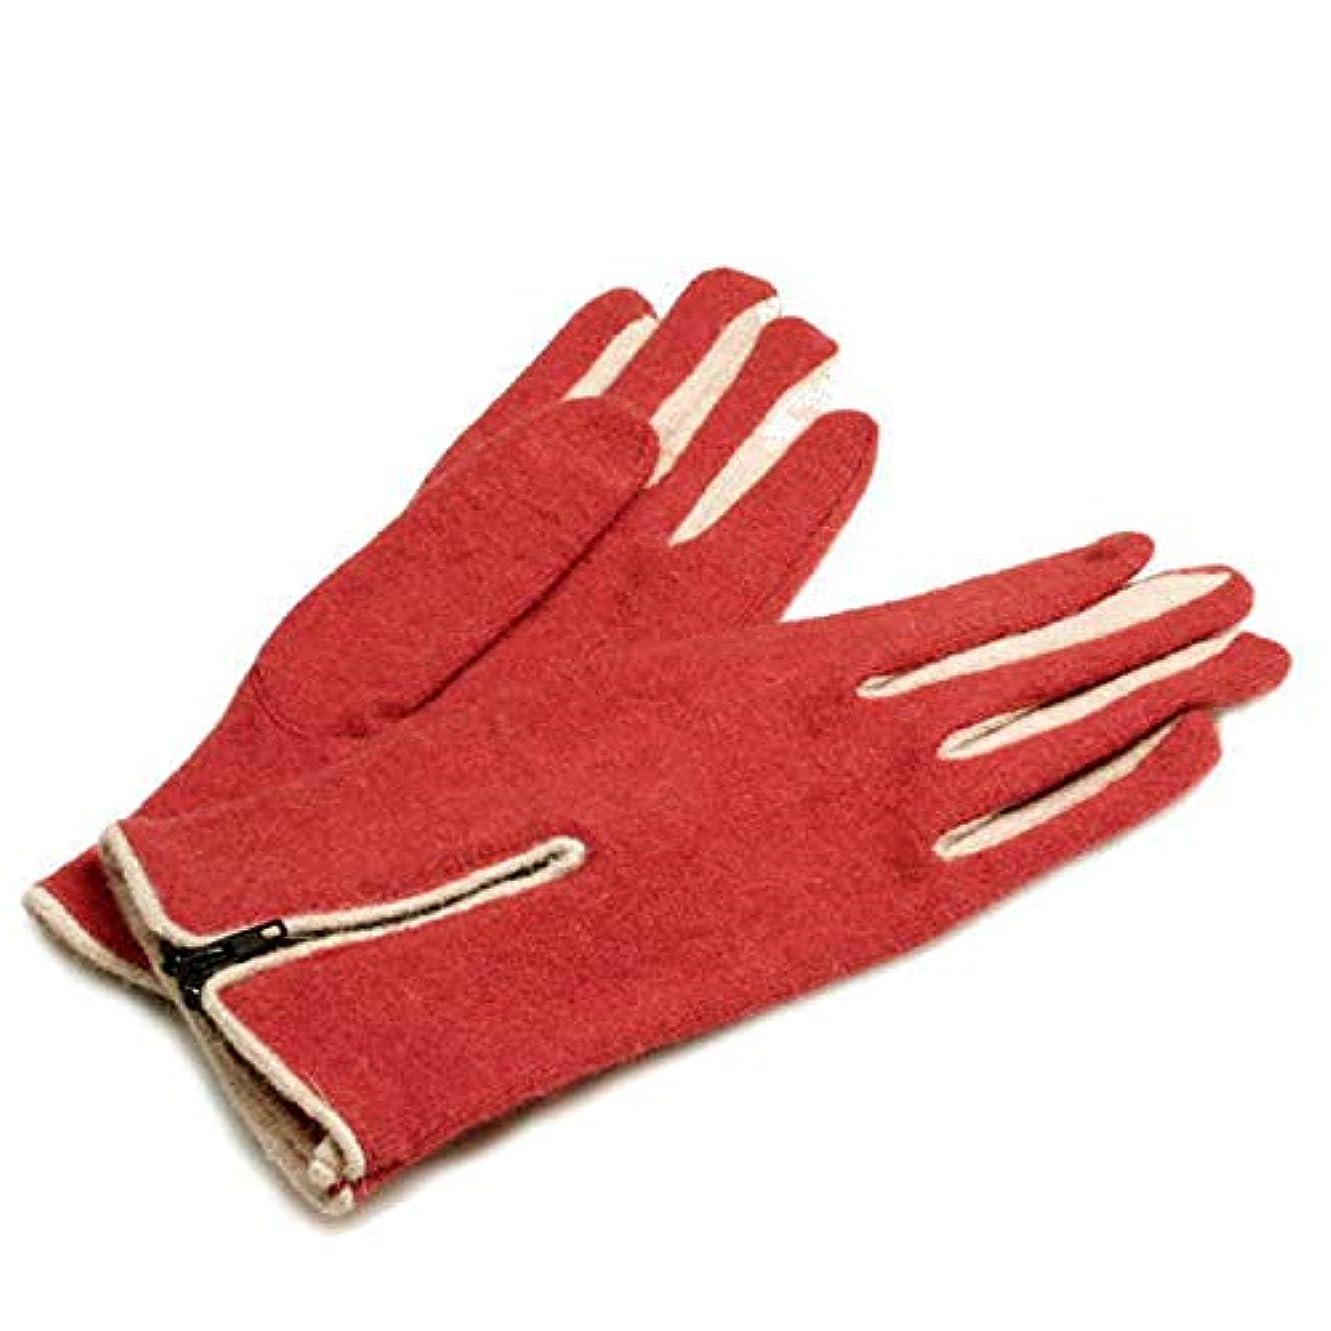 懇願する装備する延ばす秋と冬レディースフィンガー手袋ショートセクション厚手のウール手袋乗馬ウォーム手袋を運転する